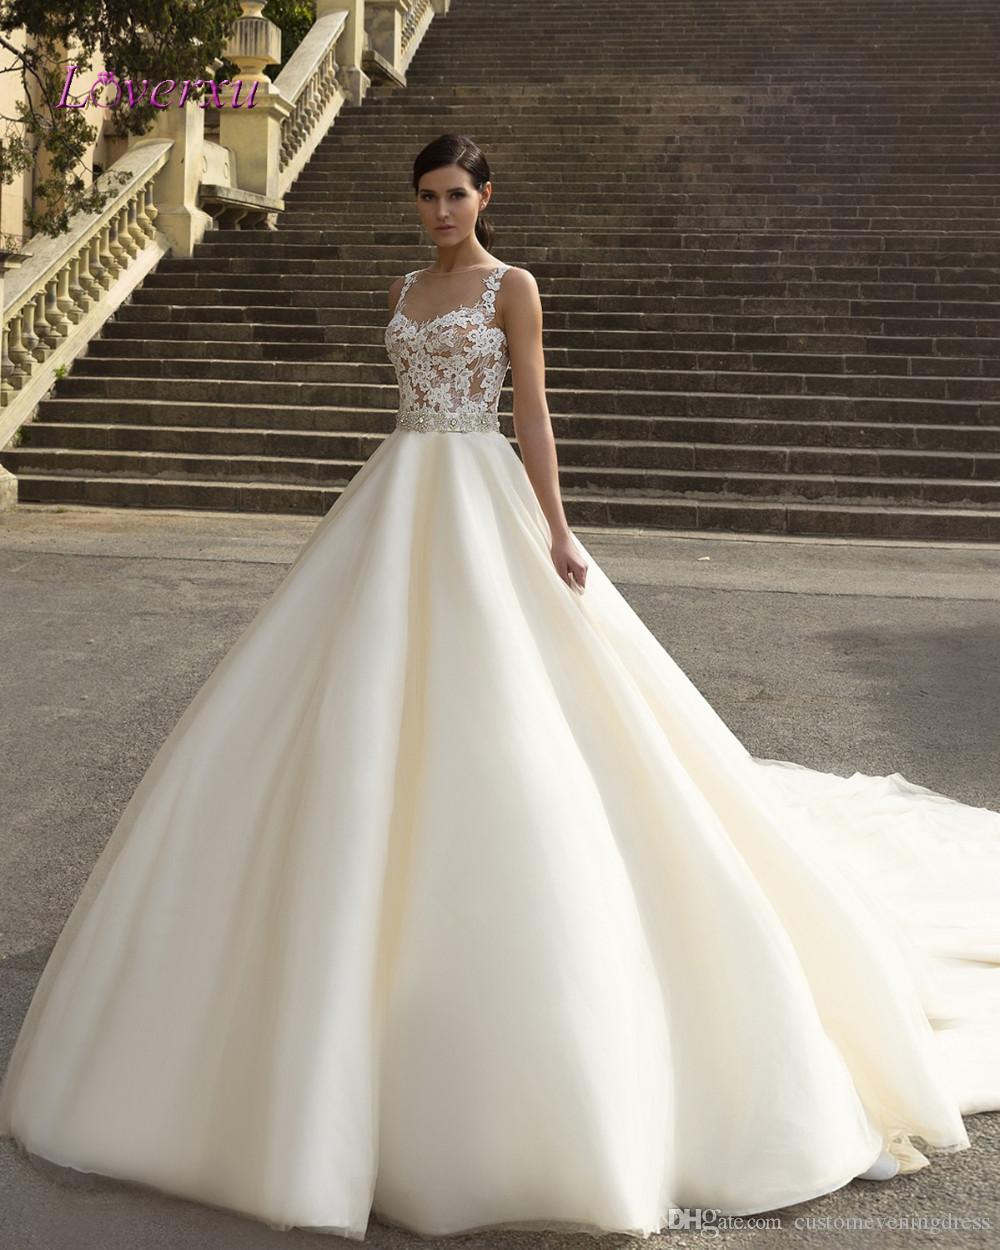 Loverxu Robe De Mariage Royal Zug A Line Brautkleid 2018 Luxus Applikationen Schärpen Lace Up Tüll Günstige Brautkleid Plus Größe